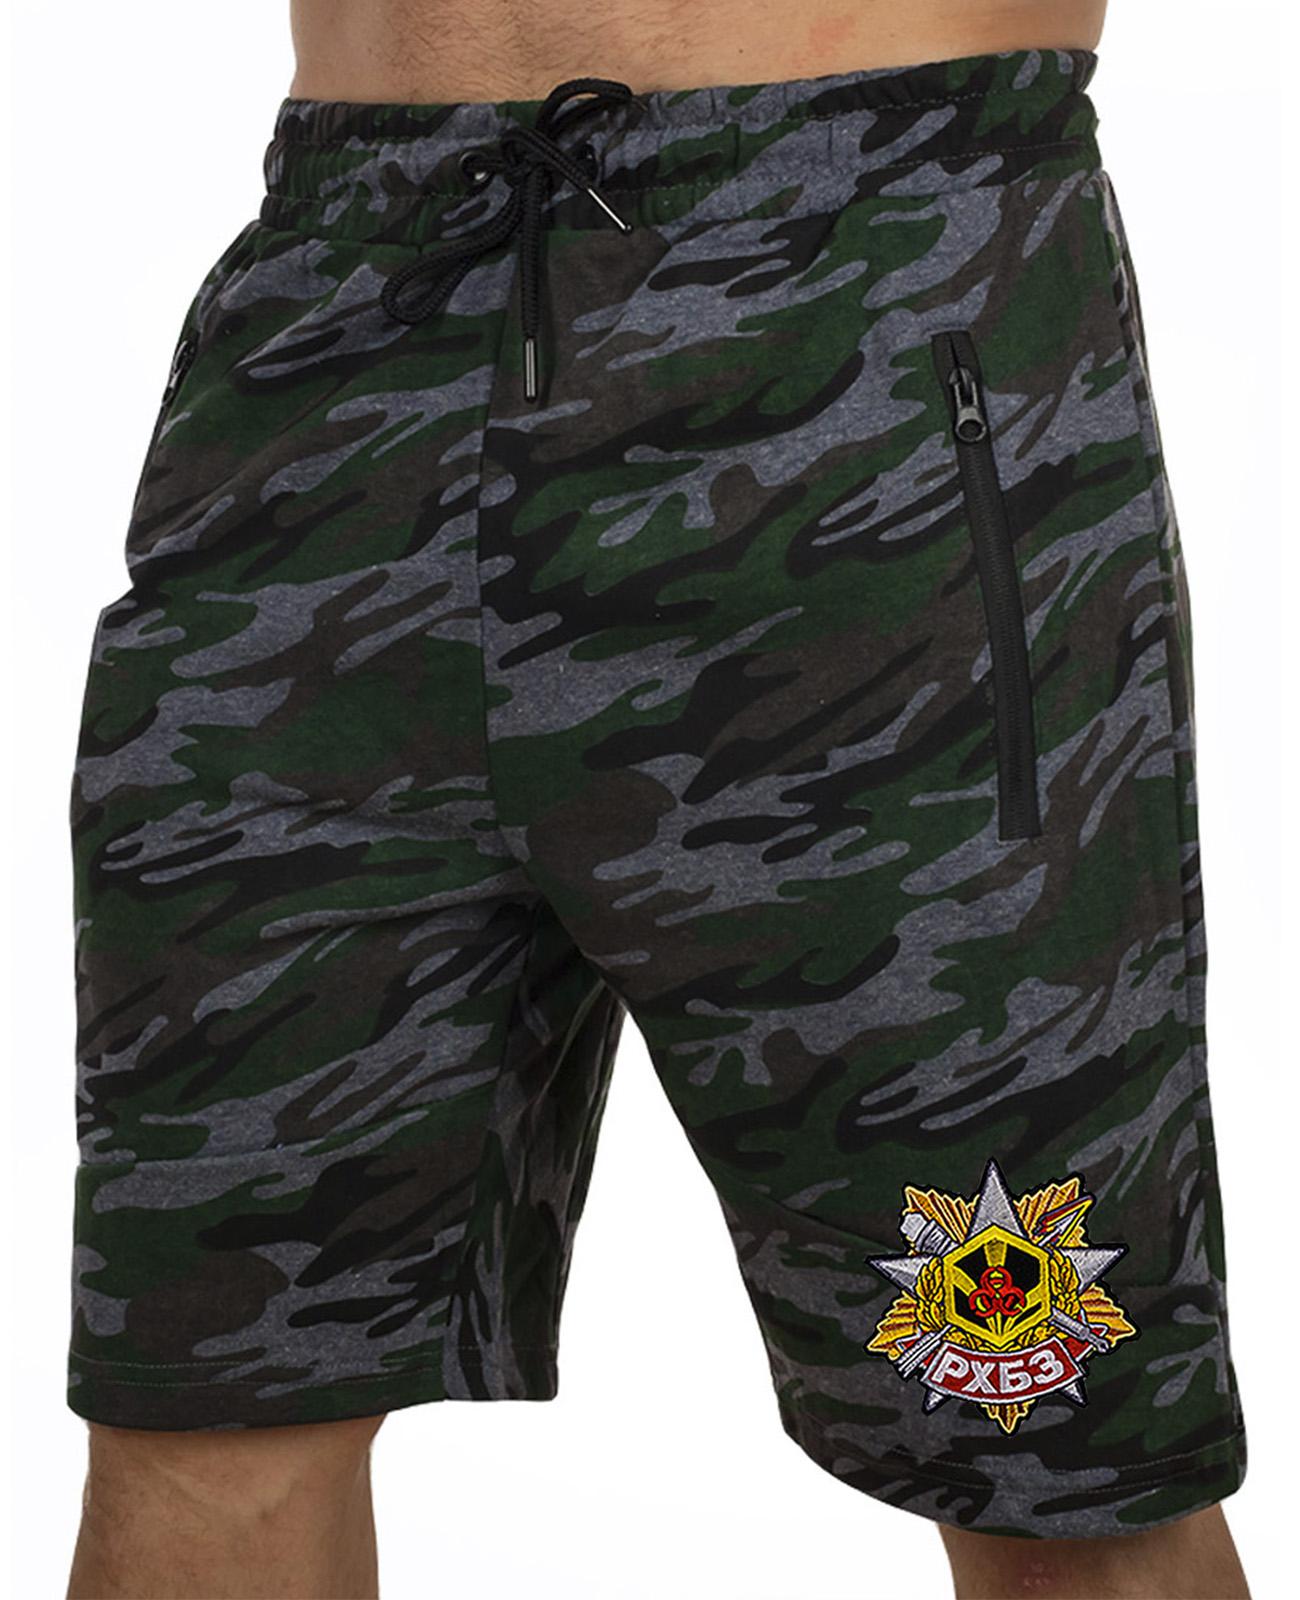 Купить армейские камуфляжные шорты с карманами и нашивкой РХБЗ по экономичной цене